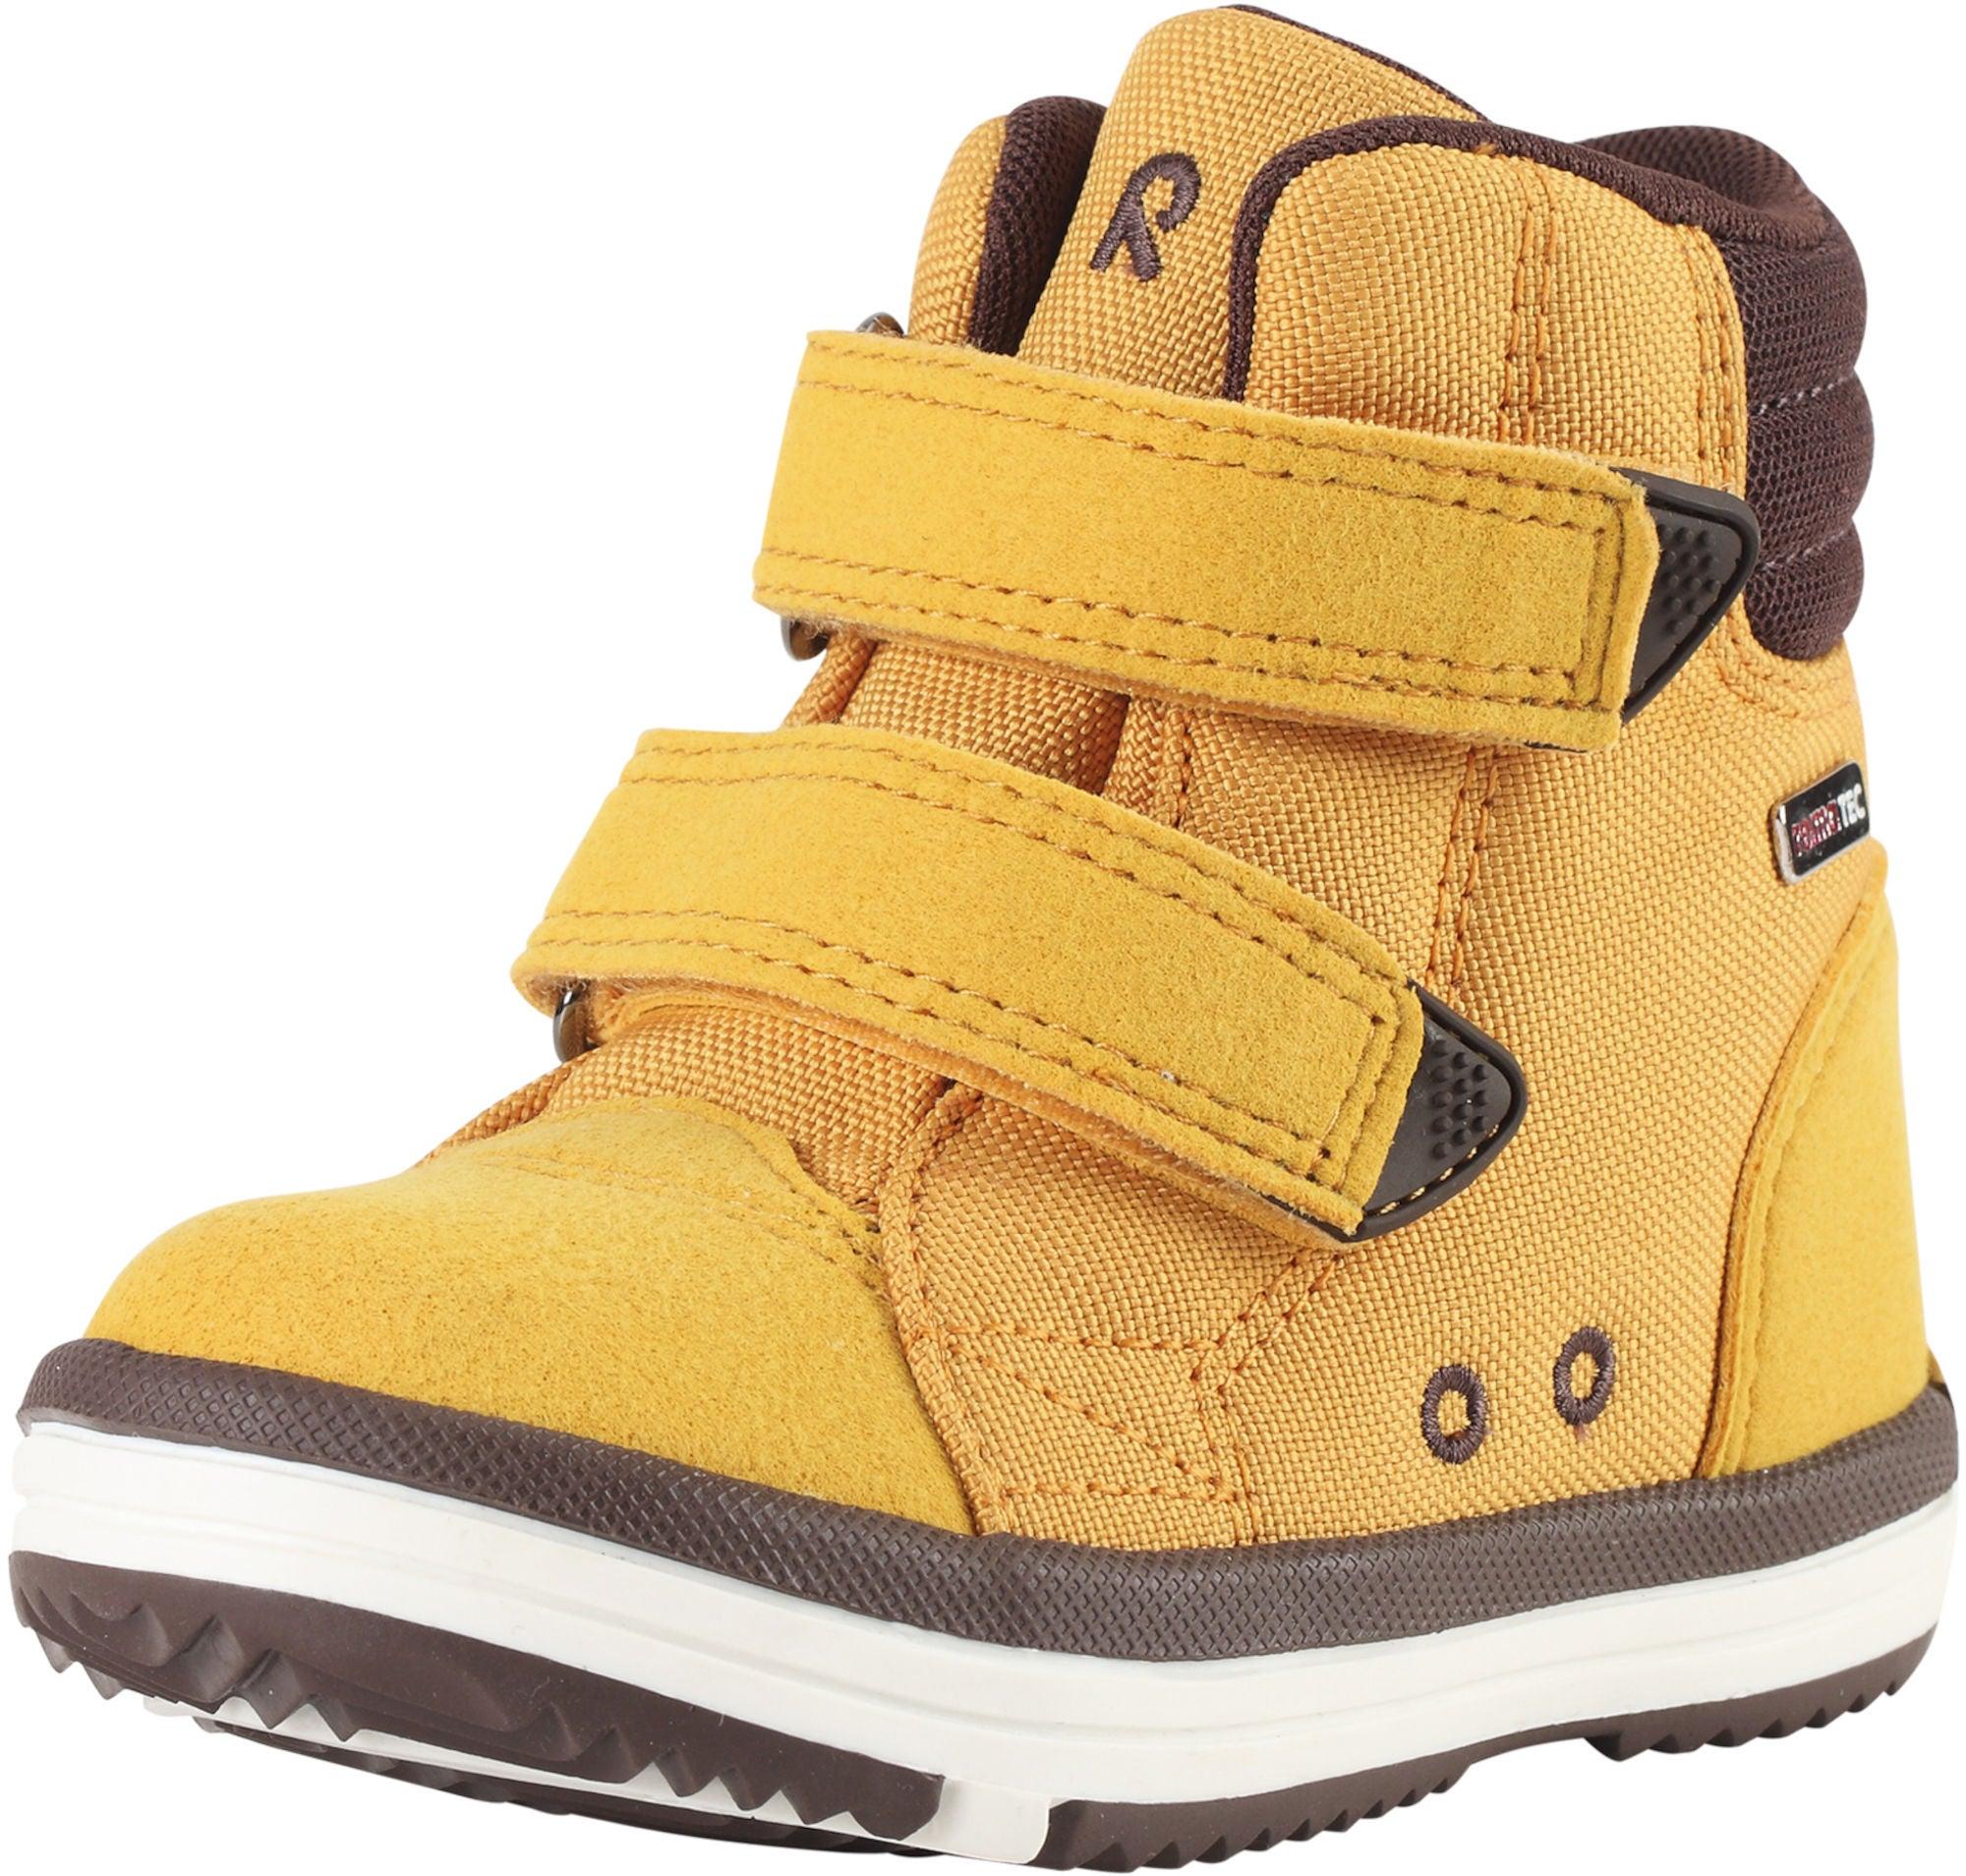 a7ad9d22626 Barnskor | Stort utbud av skor till barn och baby | Jollyroom